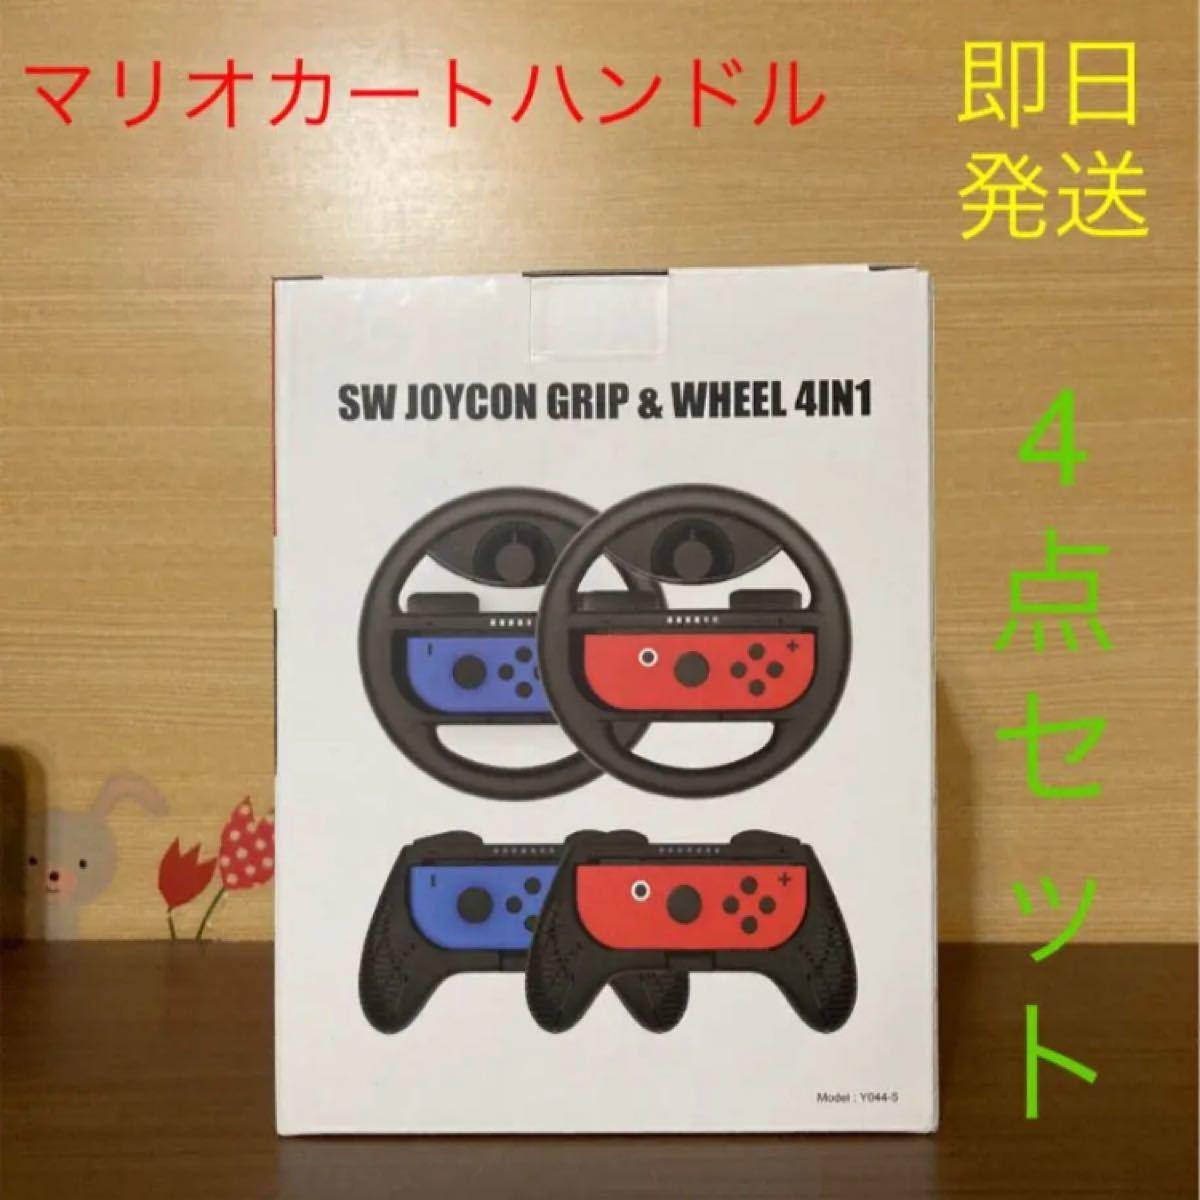 マリオカート8ハンドル Nintendo Switch コントローラー